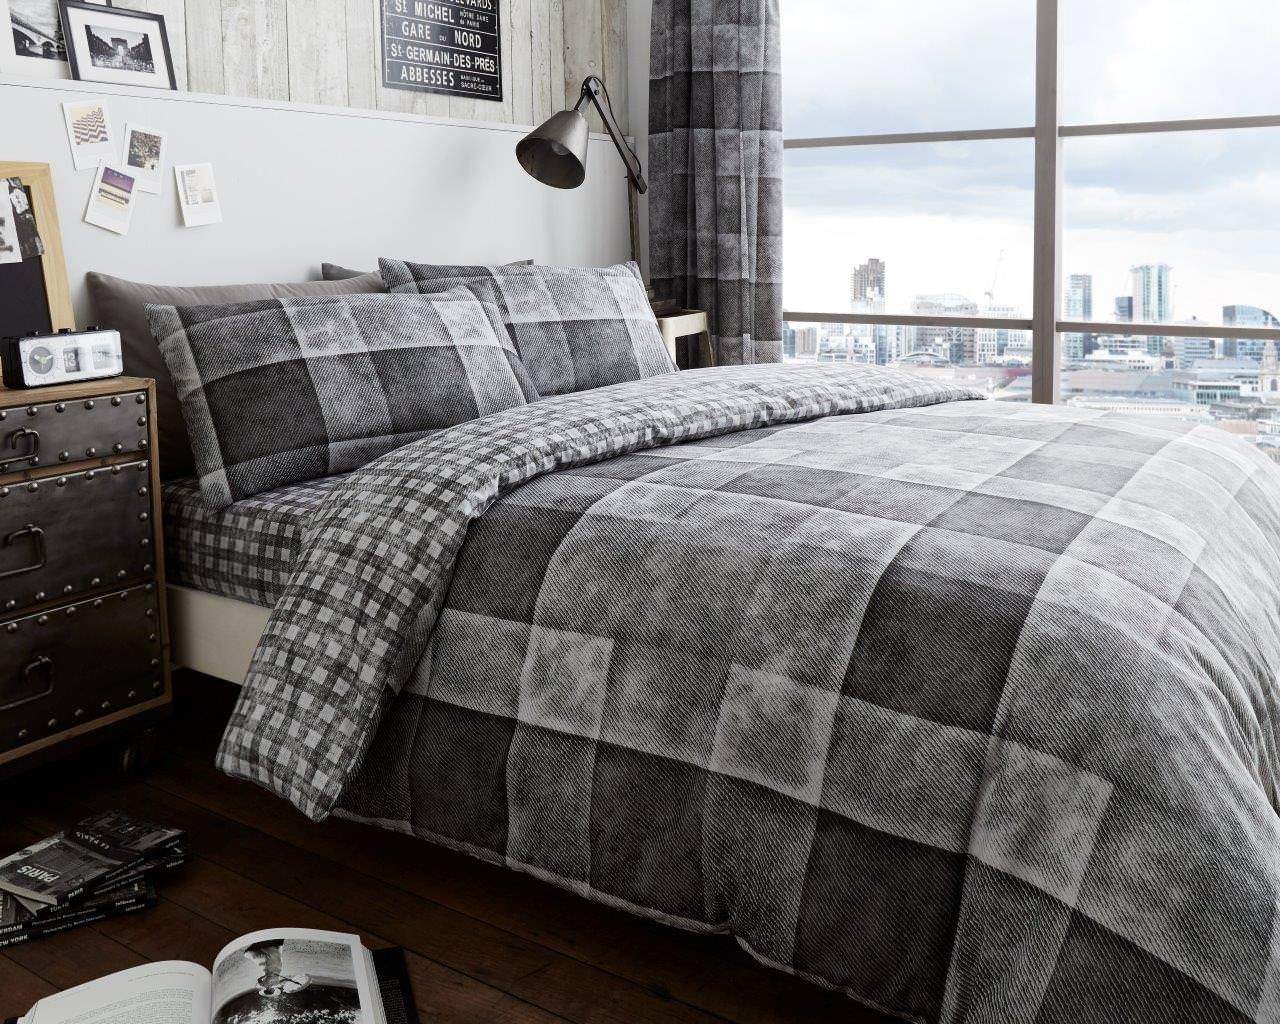 Duvet Cover Set Double Size Bed With Pillowcases Quilt Bedding Set Printed Reversible Poly Cotton , Denim Check Blue De Lavish